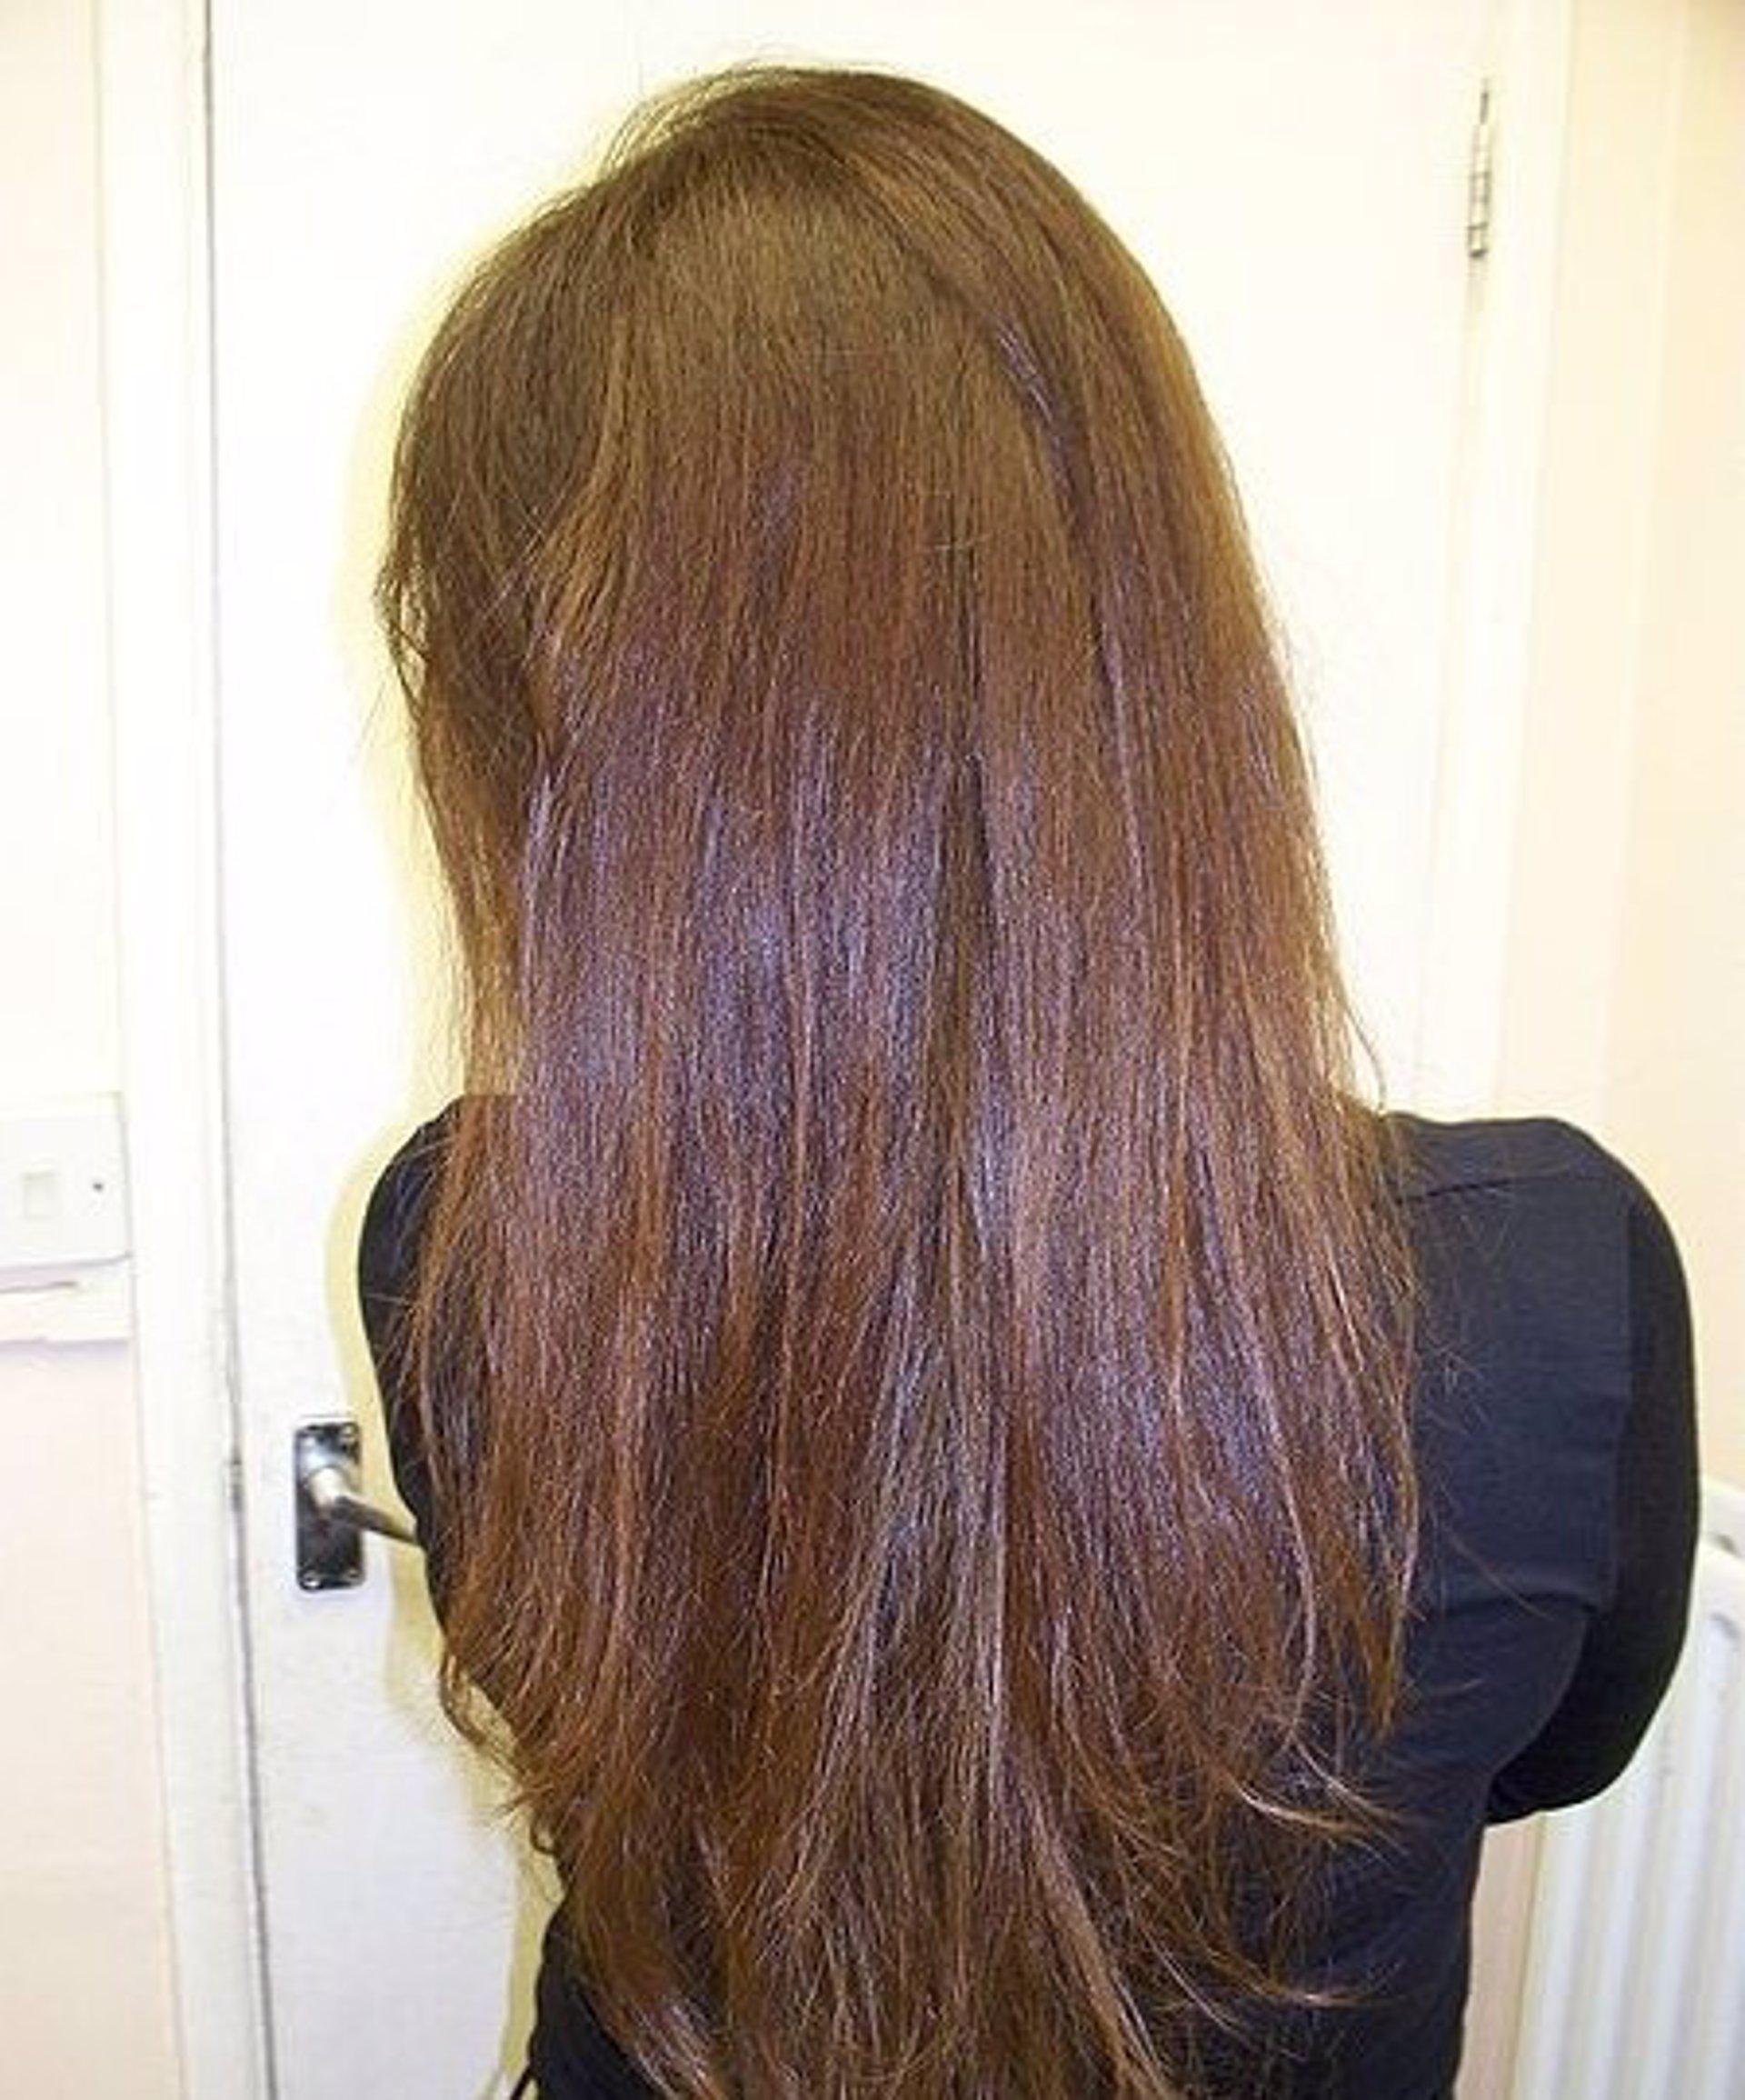 cortarse el pelo con frecuencia no influye ni en su calidad ni en su